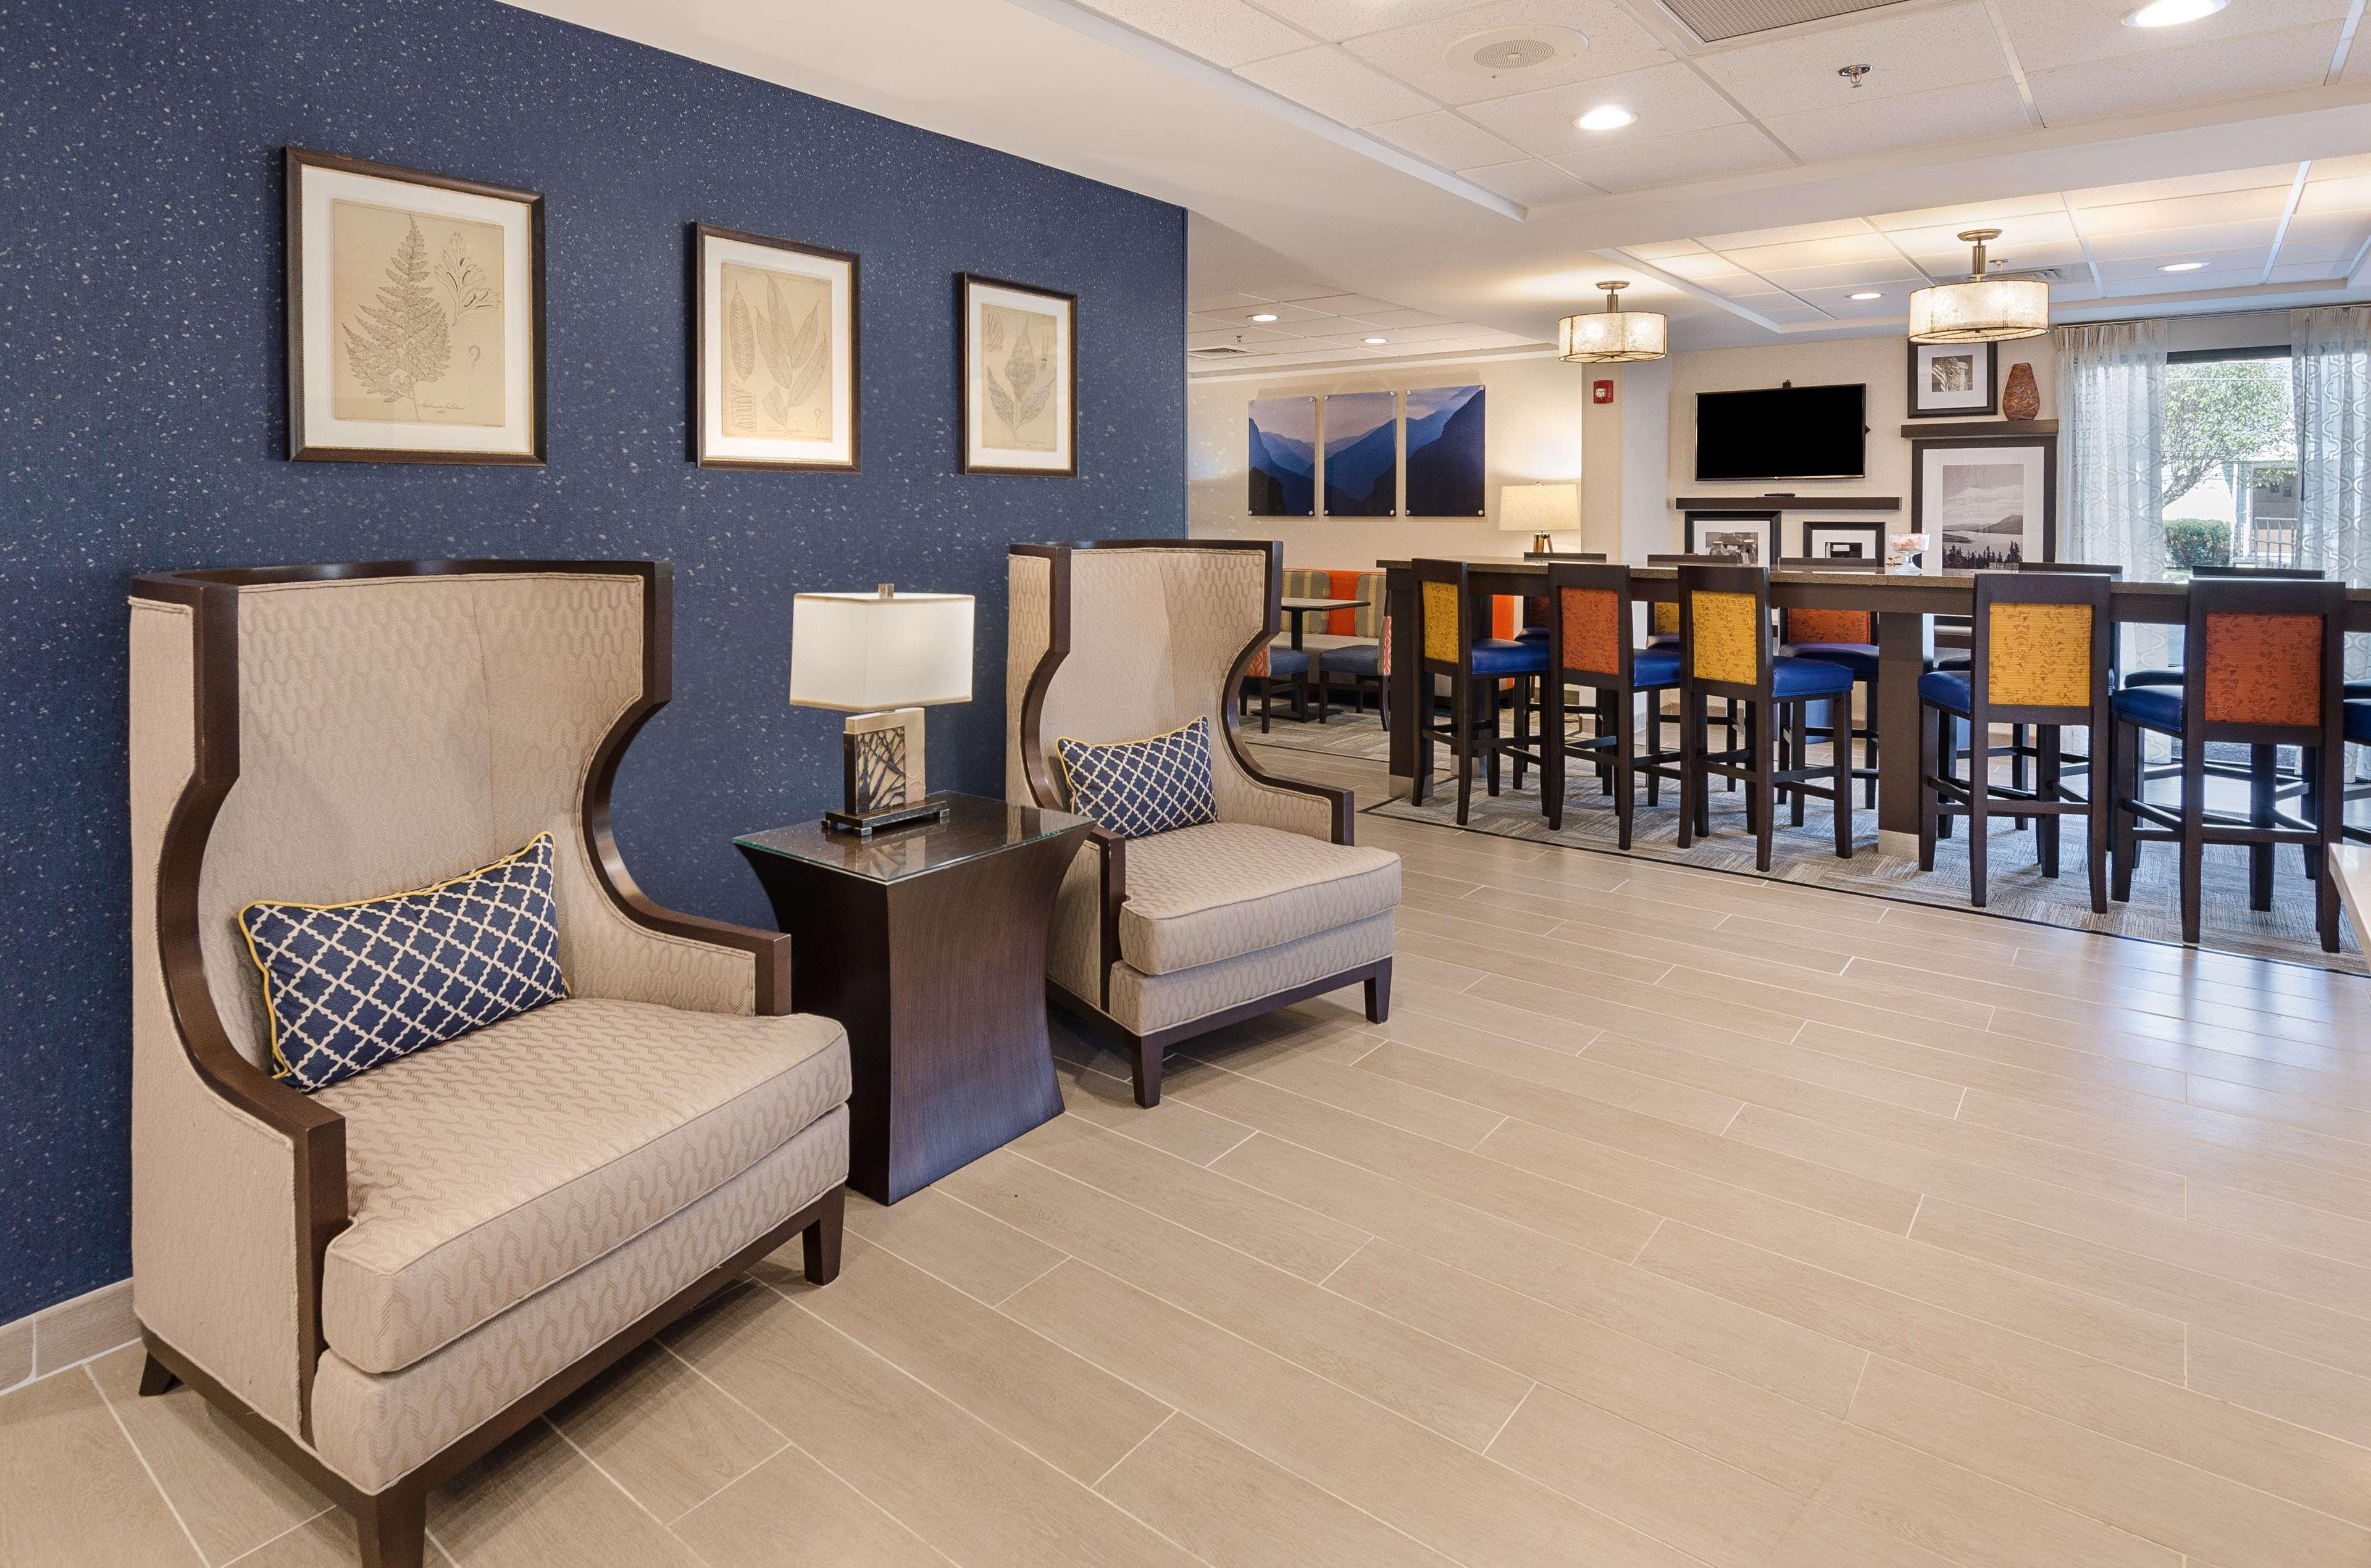 Hampton Inn Covington image 10